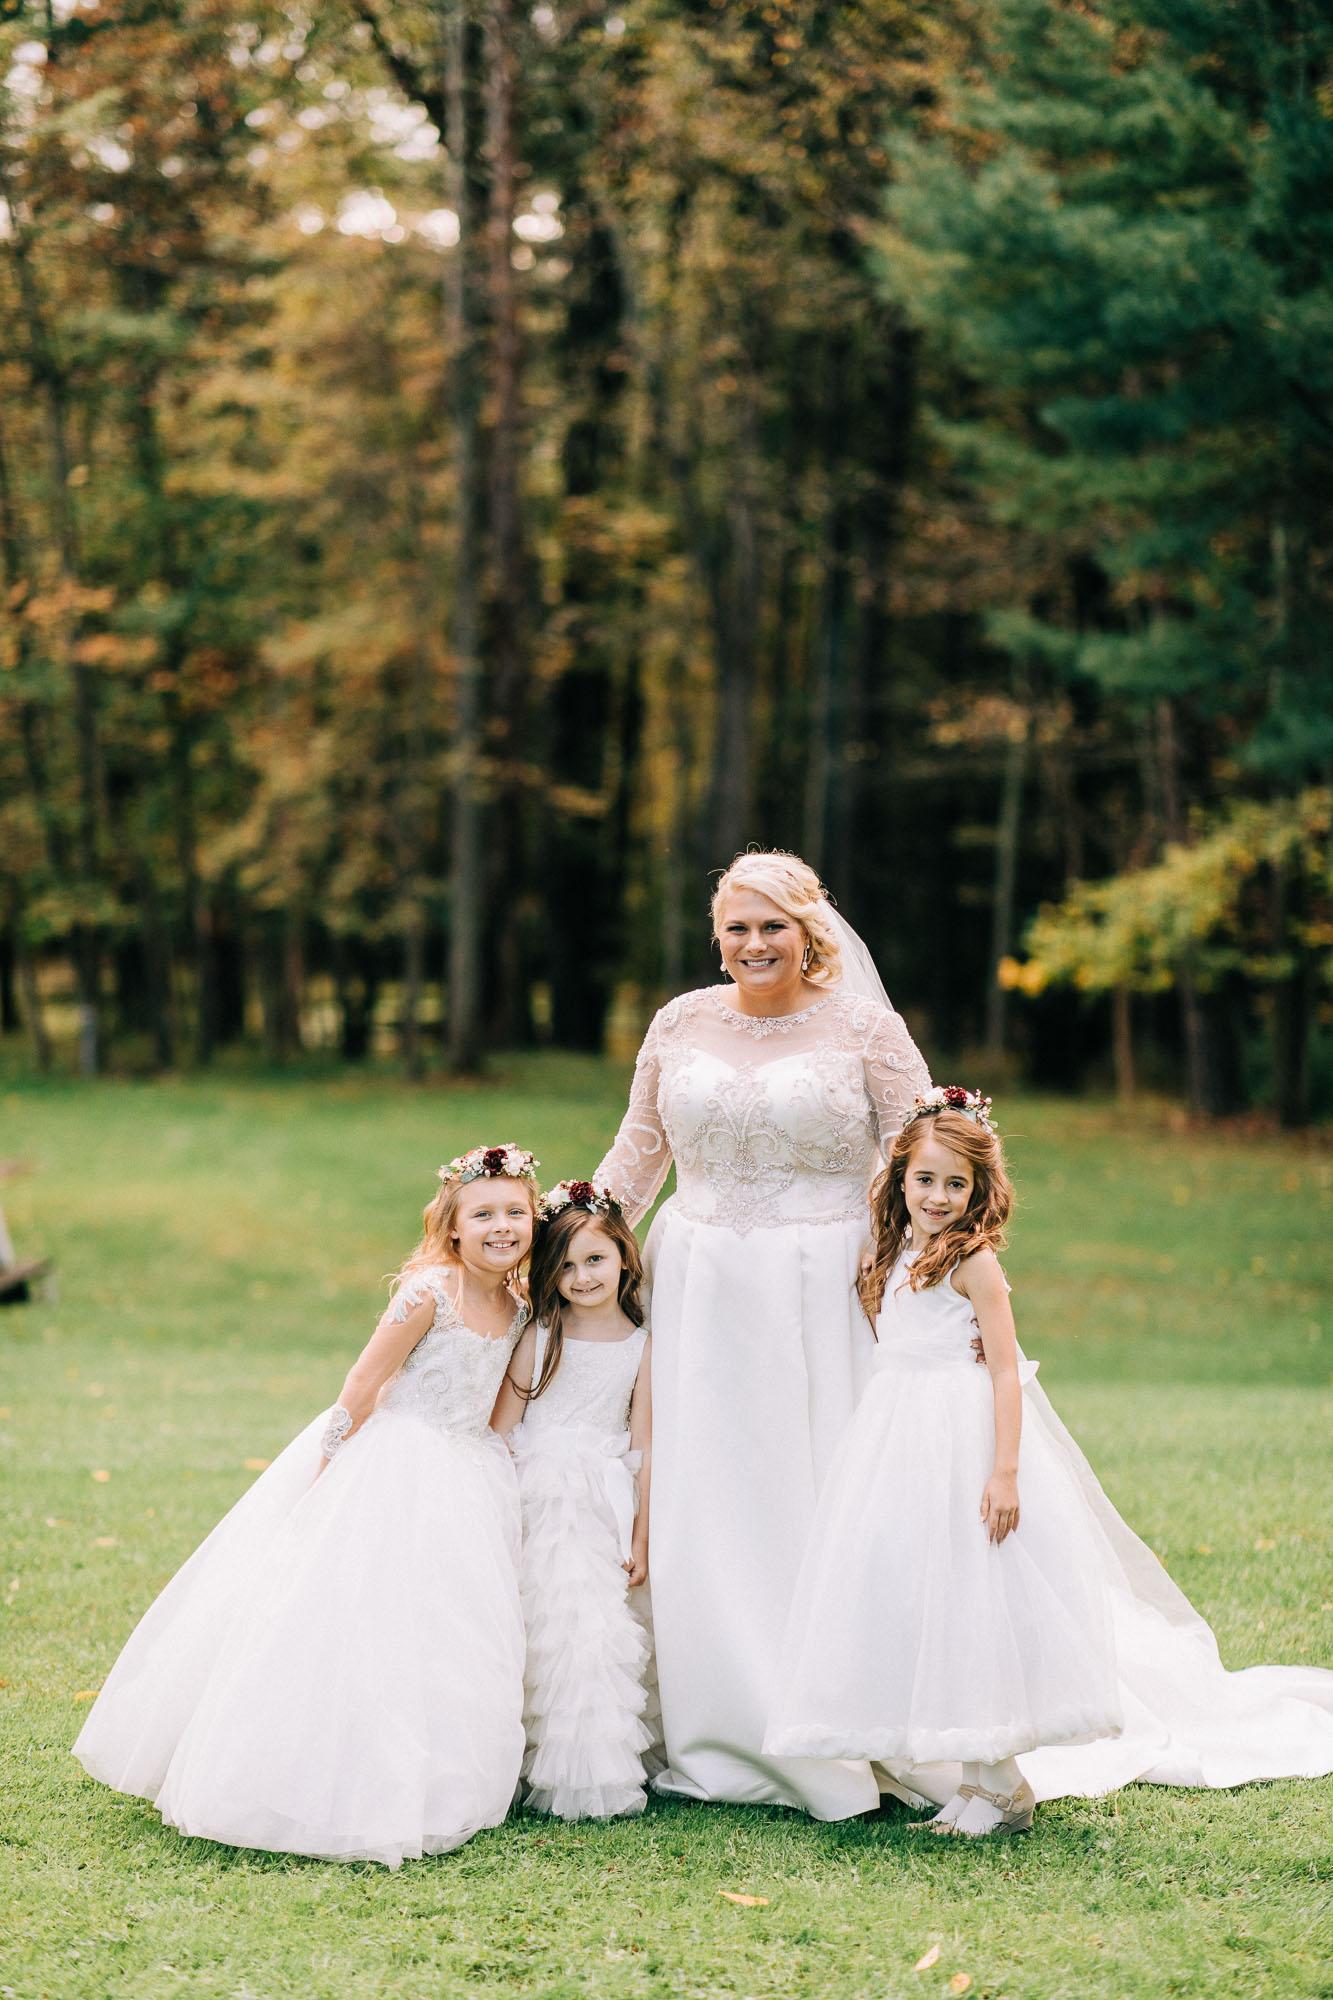 whitewoods-october-wedding-sk-0051.jpg